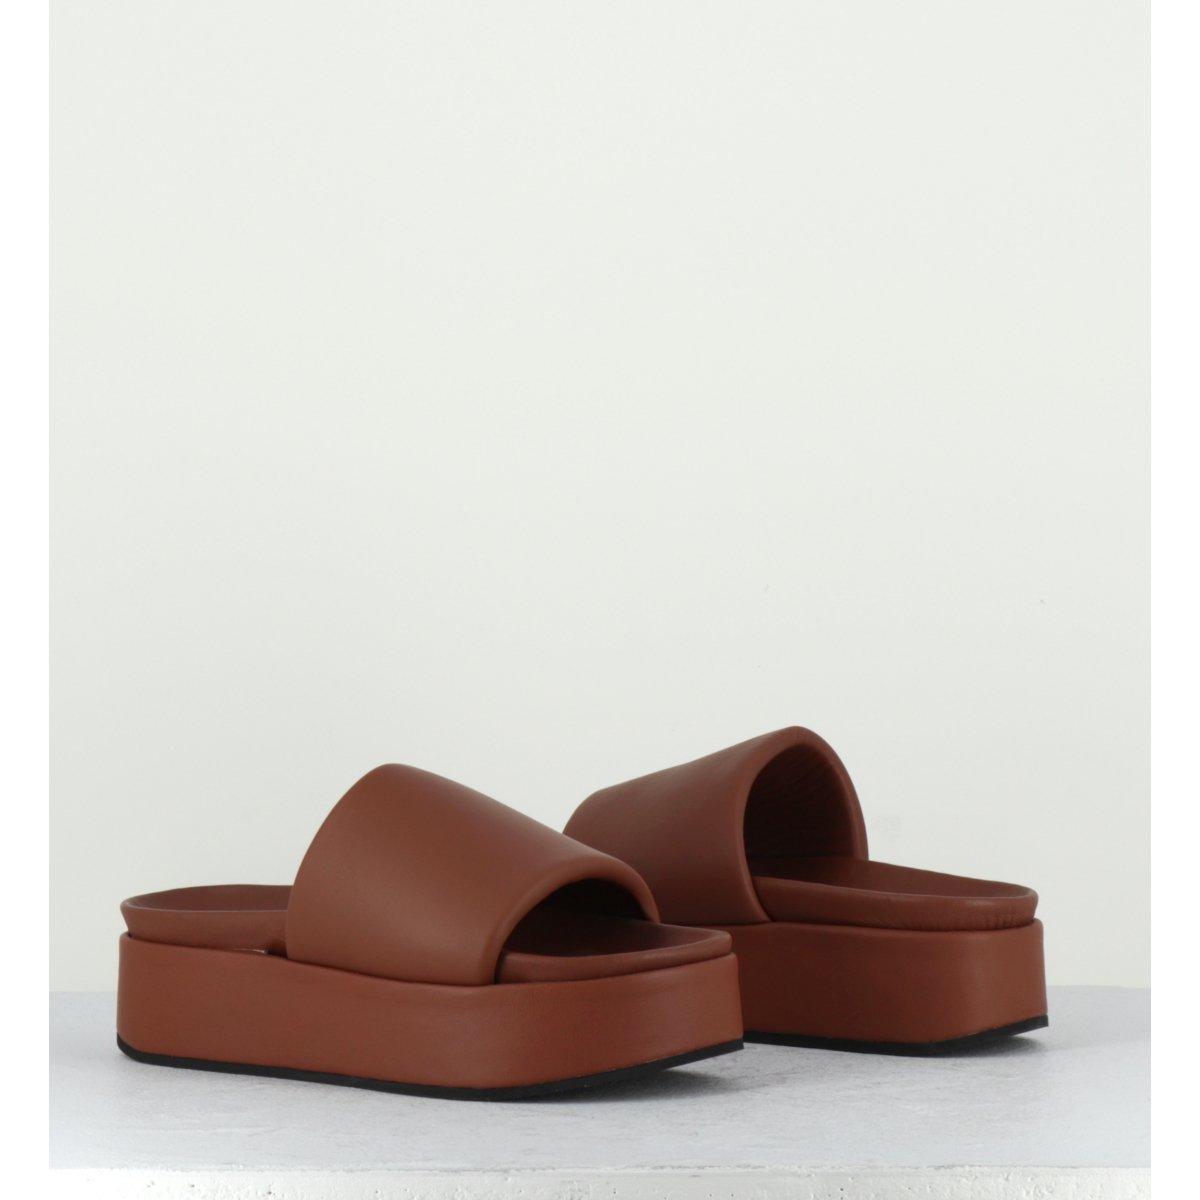 Sandales mules à plateforme en cuir cognac Giulia Taddeucci - 1719248